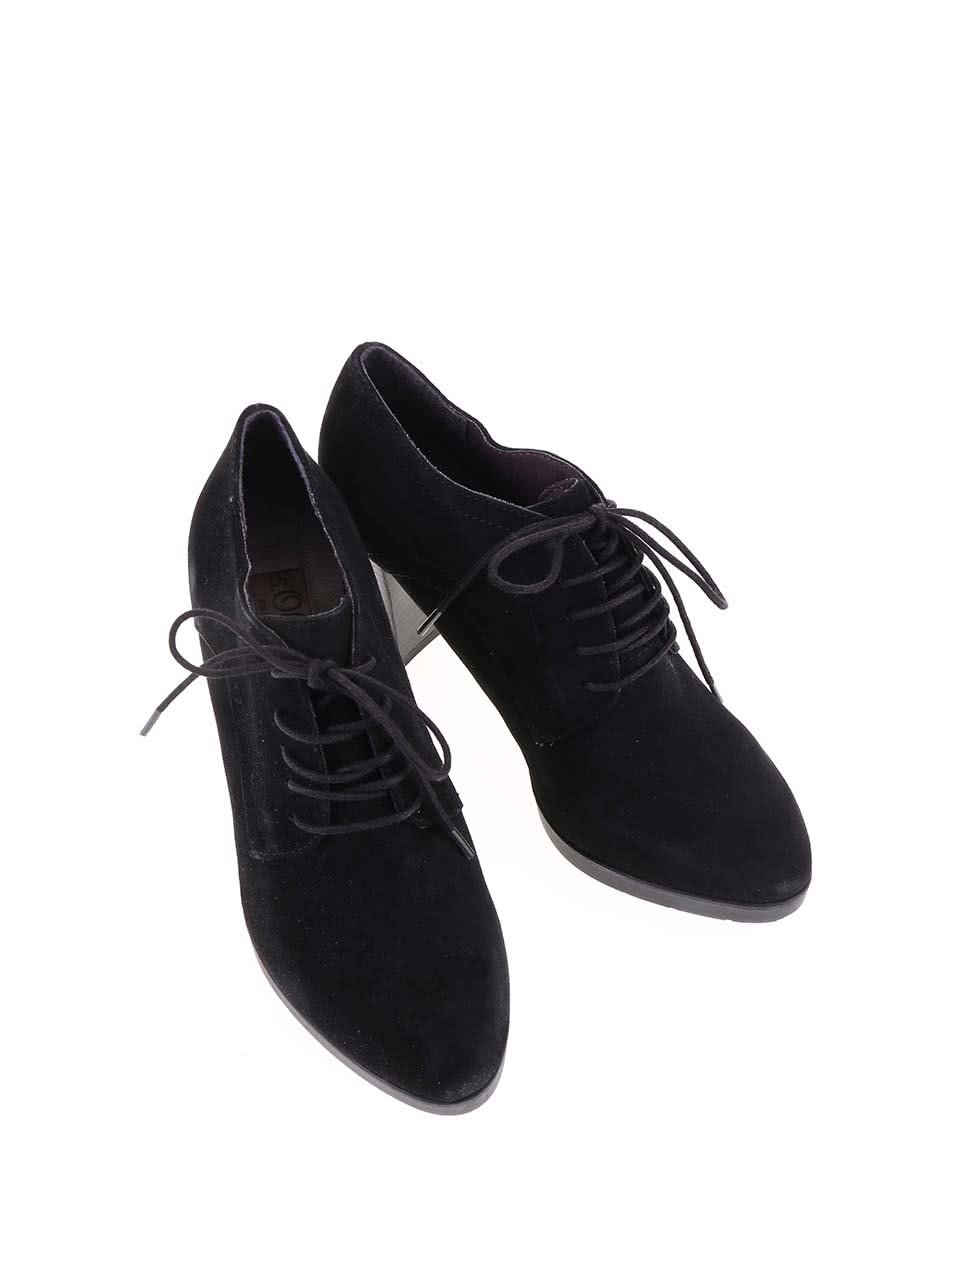 845b6fcf662 Černé dámské kožené šněrovací boty na podpatku s.Oliver